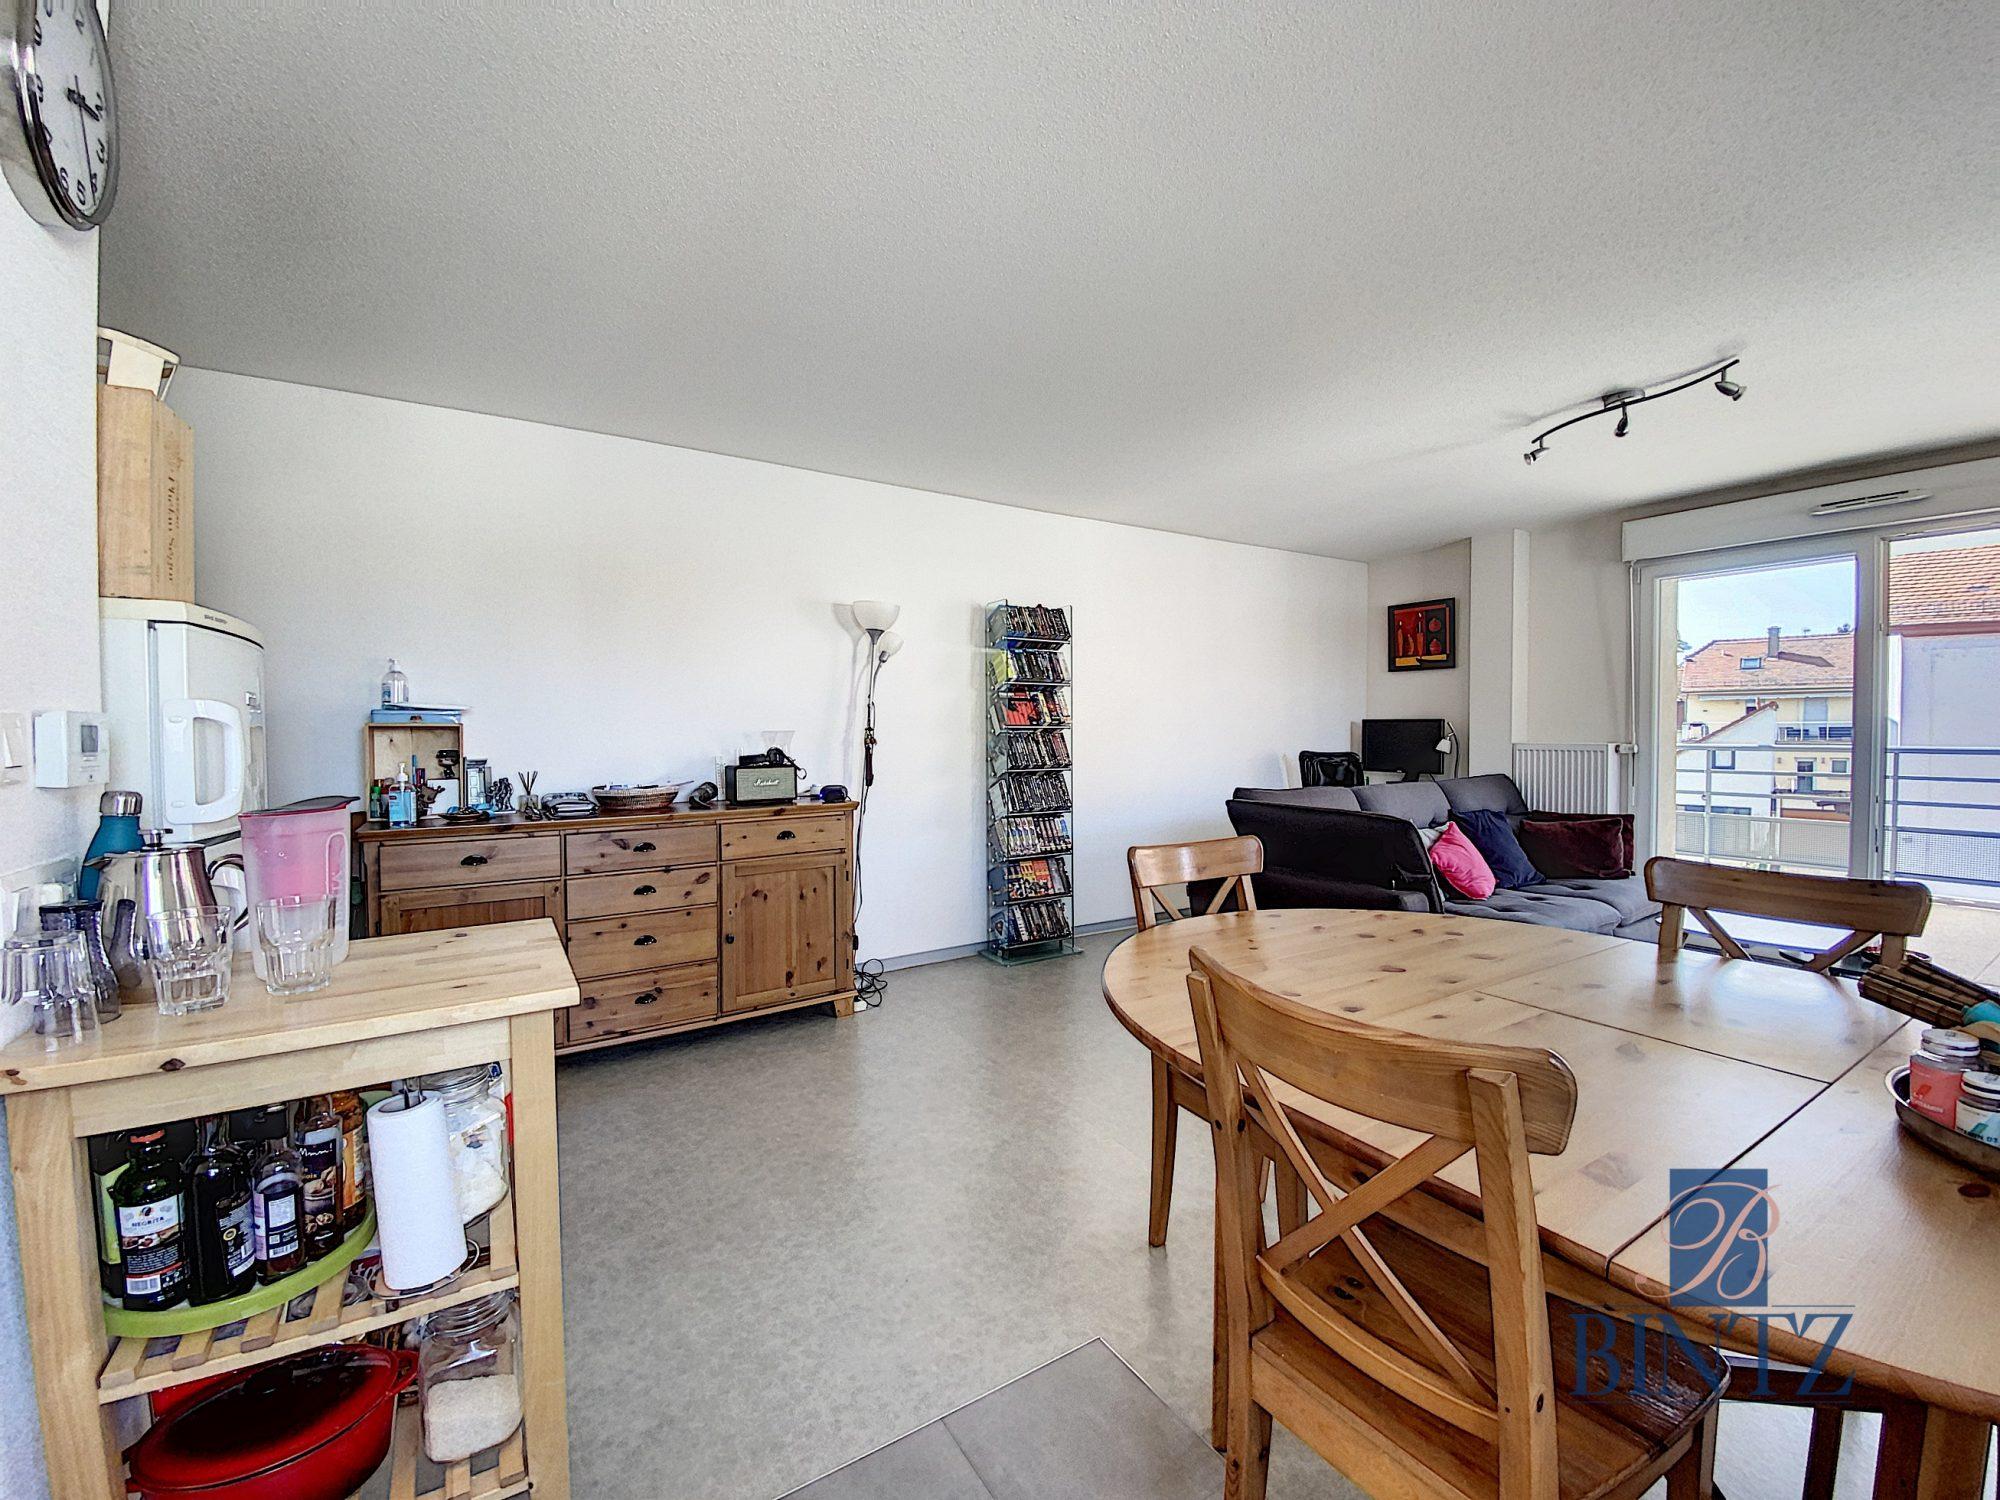 3 pièces neuf avec terrasse Schiltigheim - Devenez propriétaire en toute confiance - Bintz Immobilier - 20